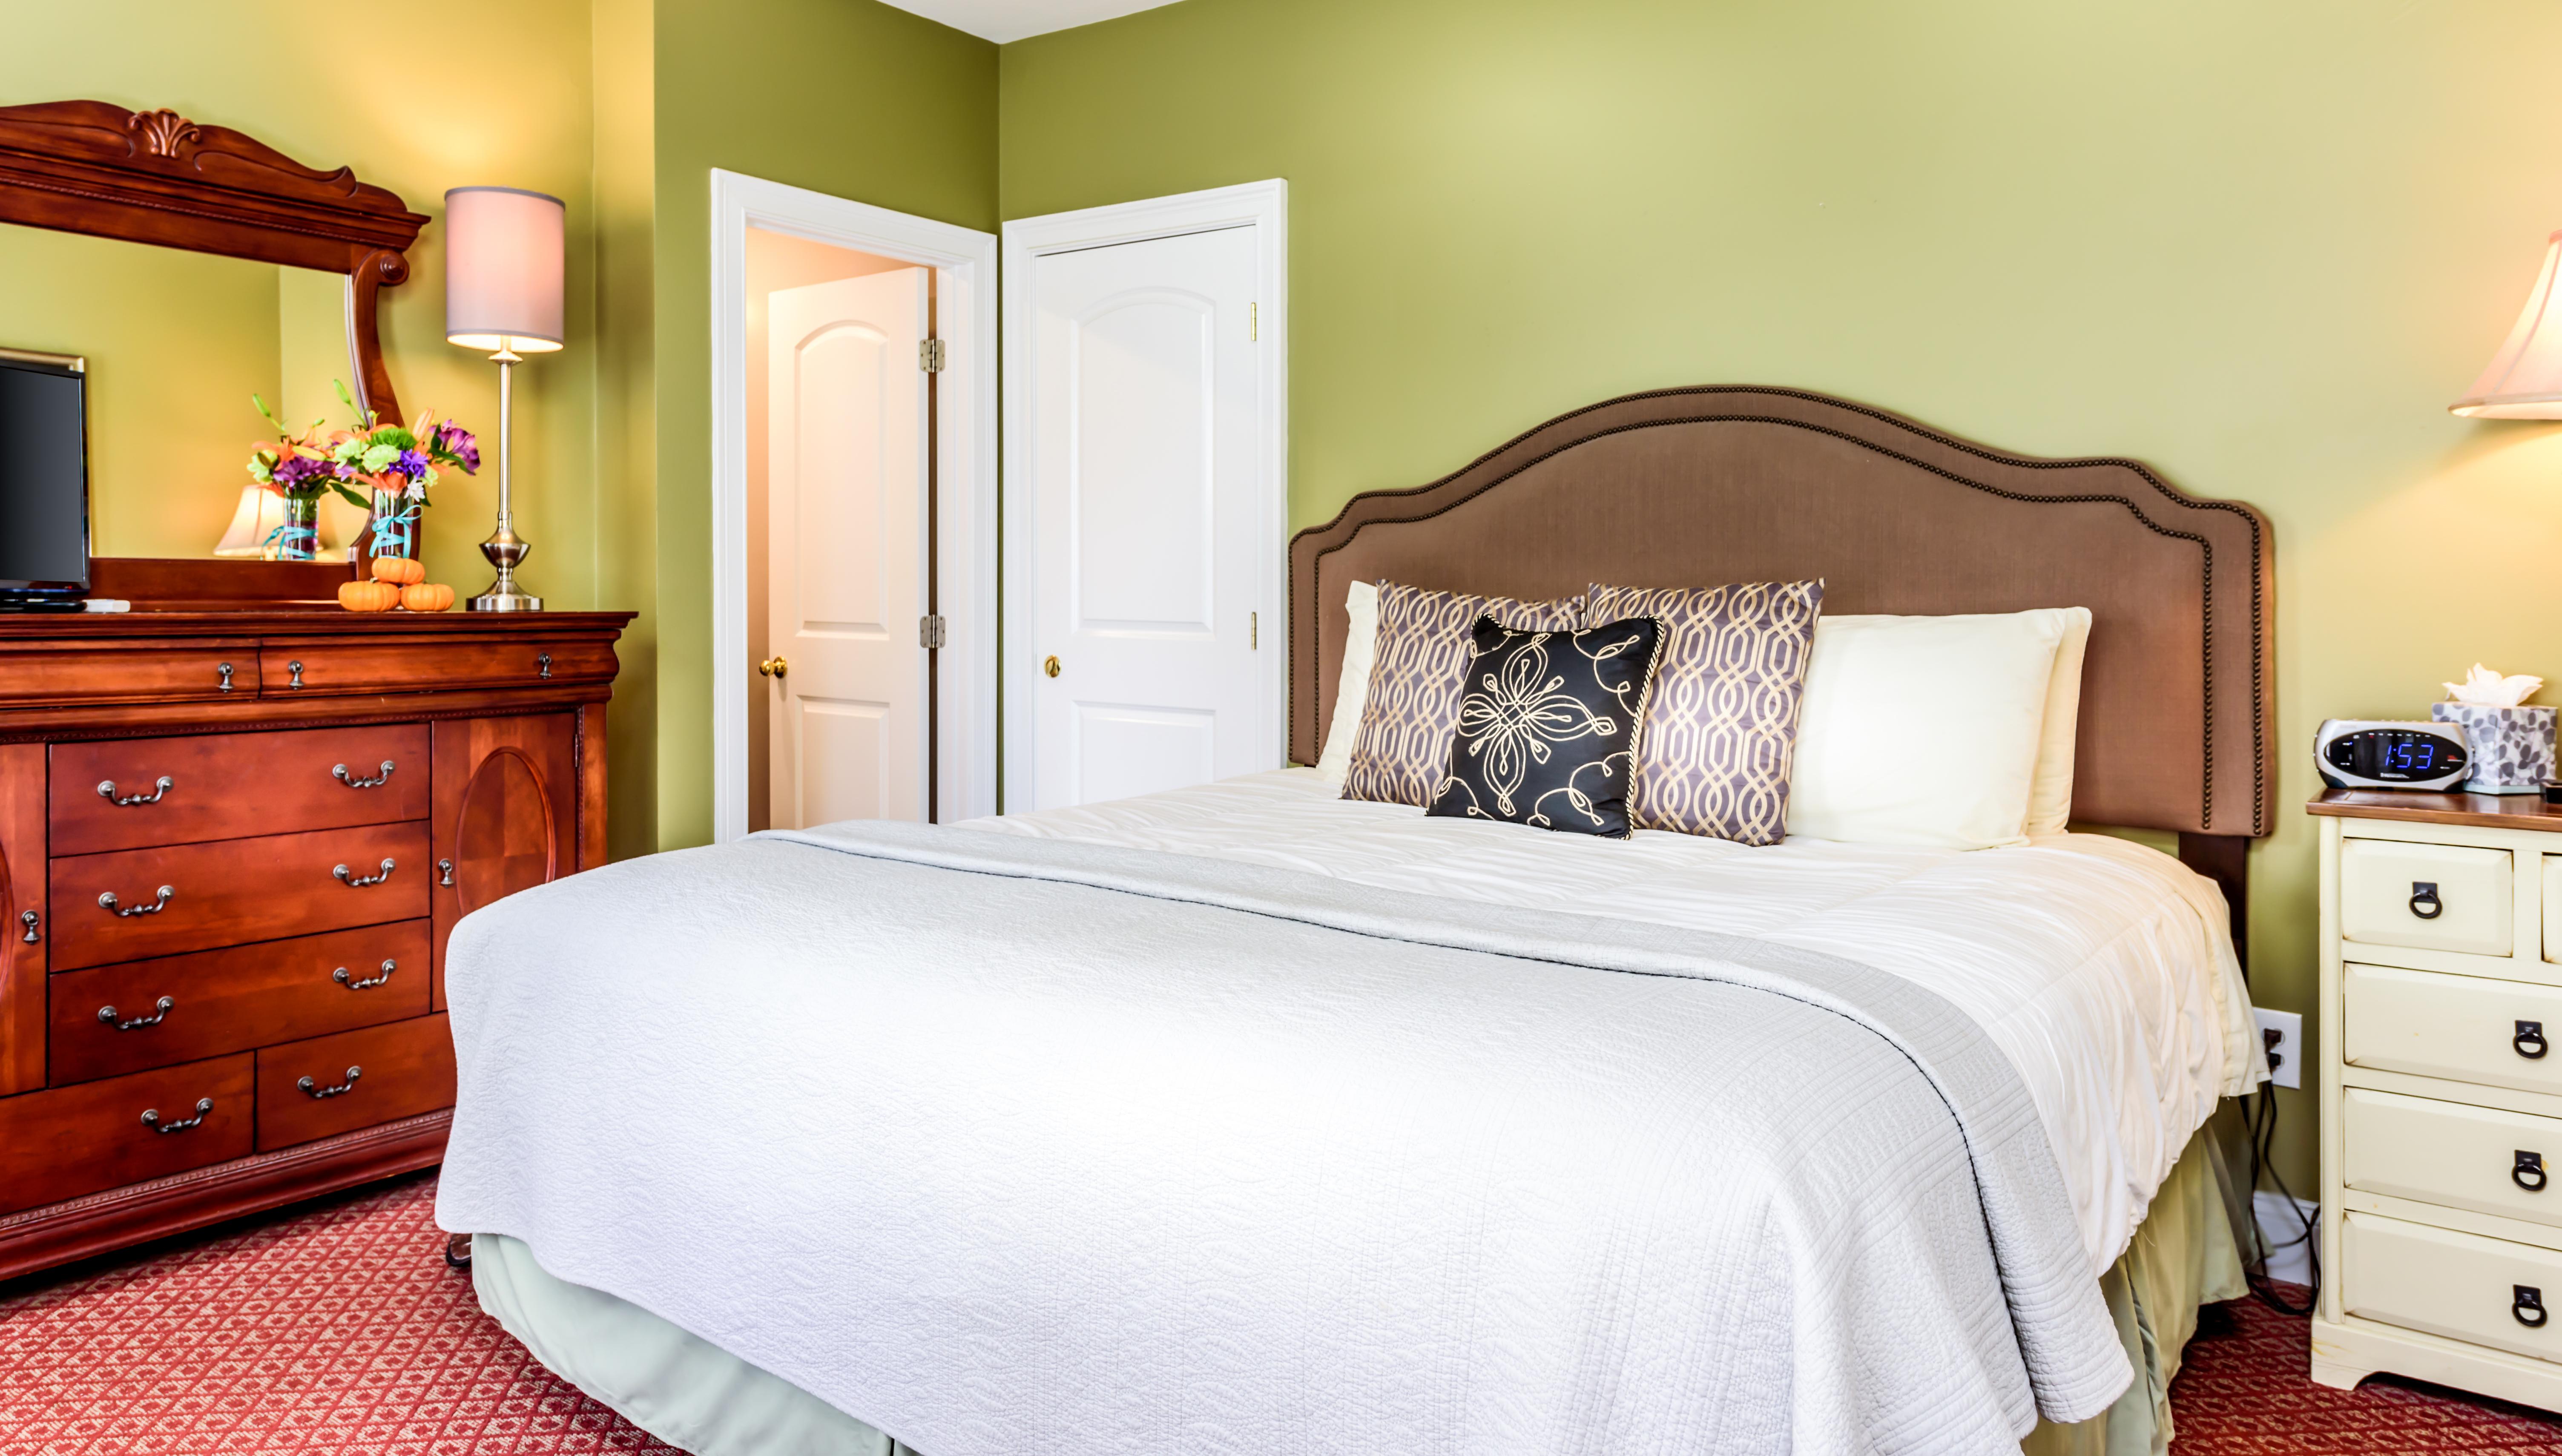 Inn-Room-8-and-Bathroom-20171102-013-1